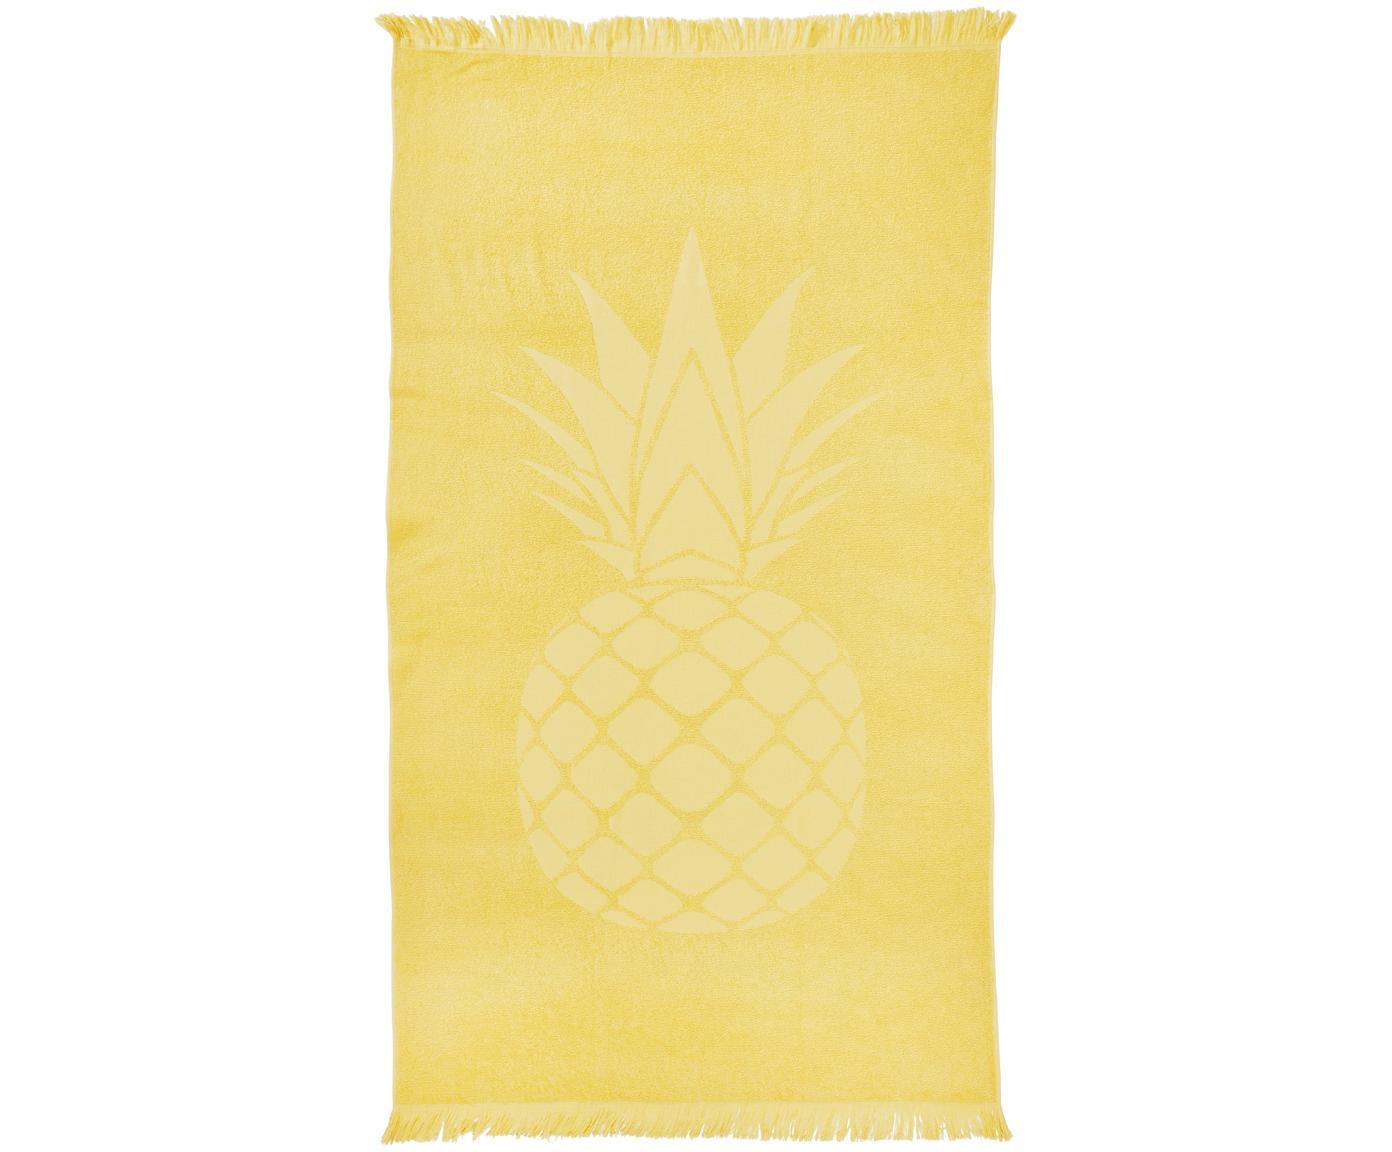 Ręcznik plażowy Capri Pineapple, Żółty, S 90 x D 160 cm